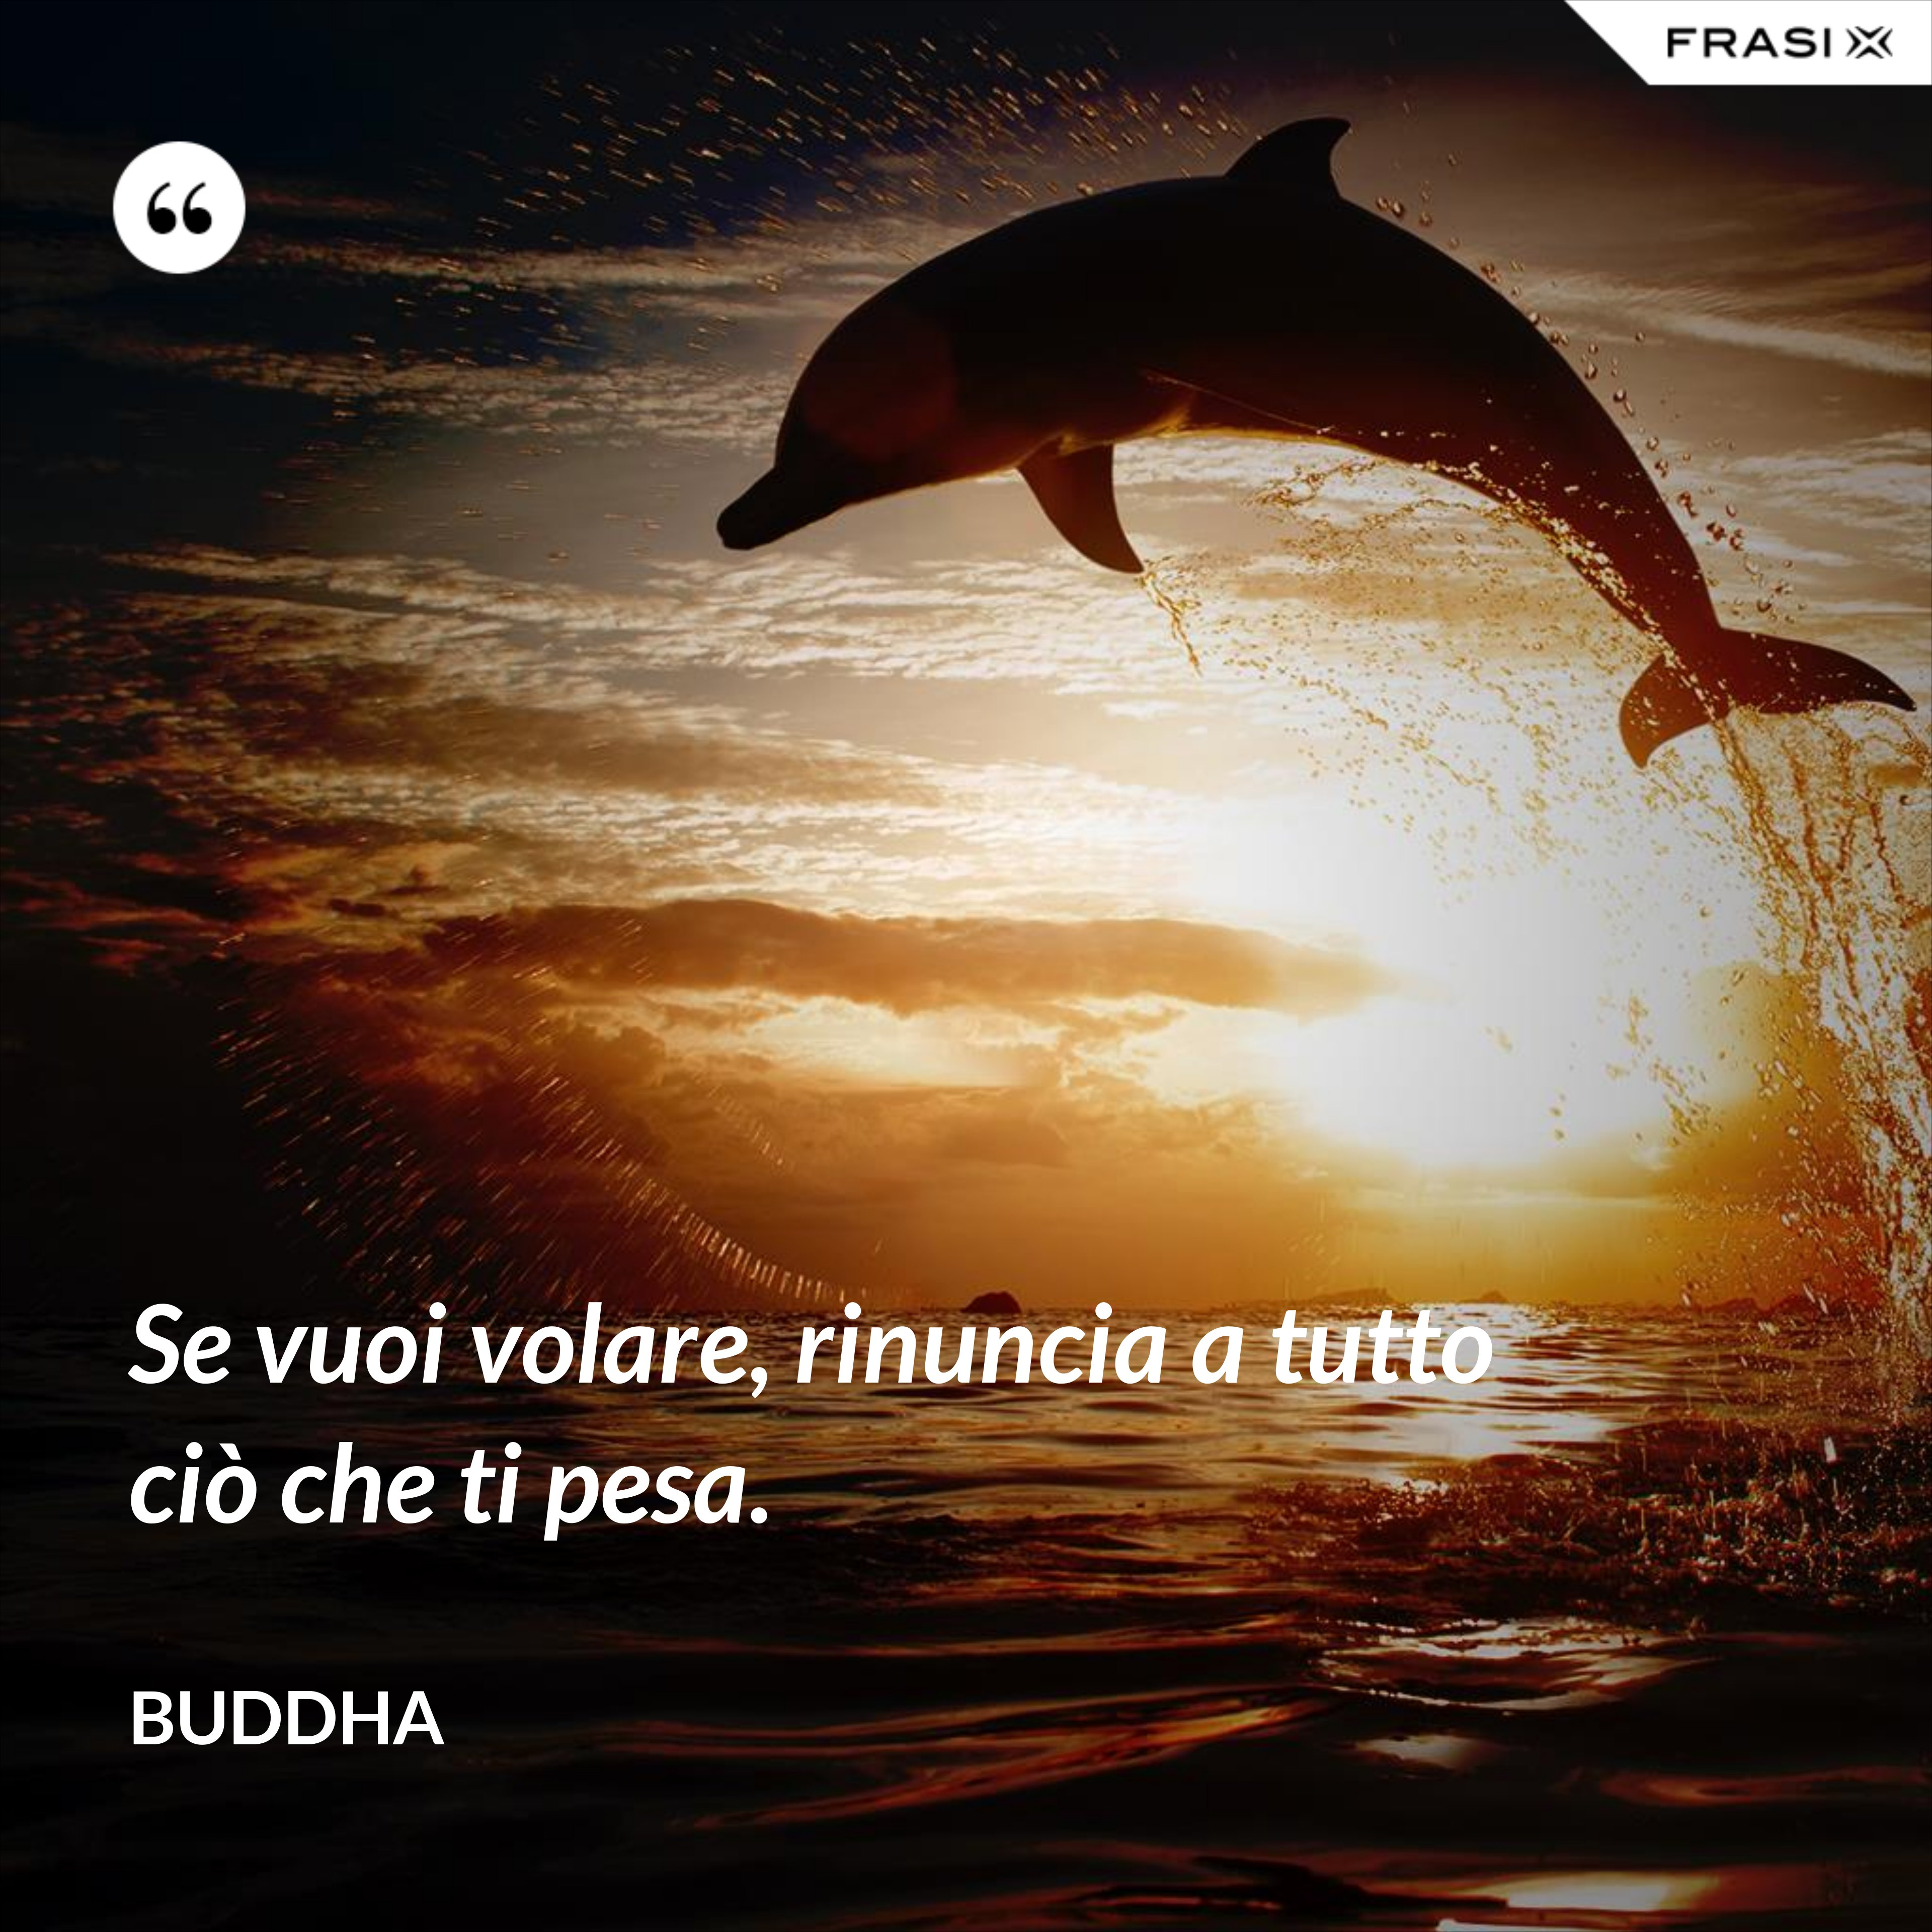 Se vuoi volare, rinuncia a tutto ciò che ti pesa. - Buddha